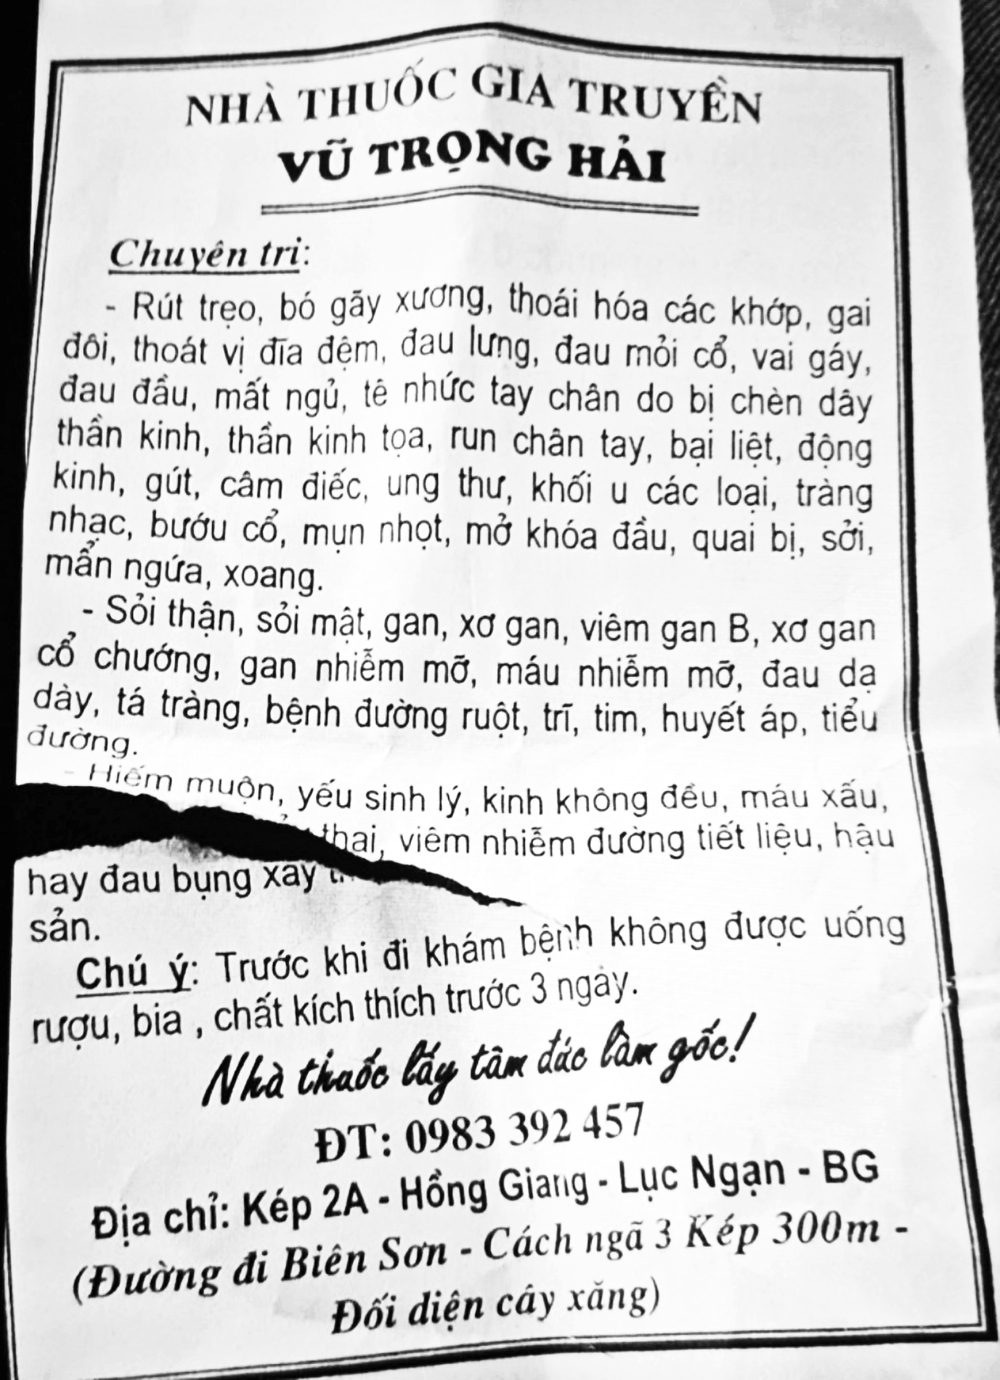 Một cách tuyên truyền chữa bệnh của ông Vũ Trọng Hải.